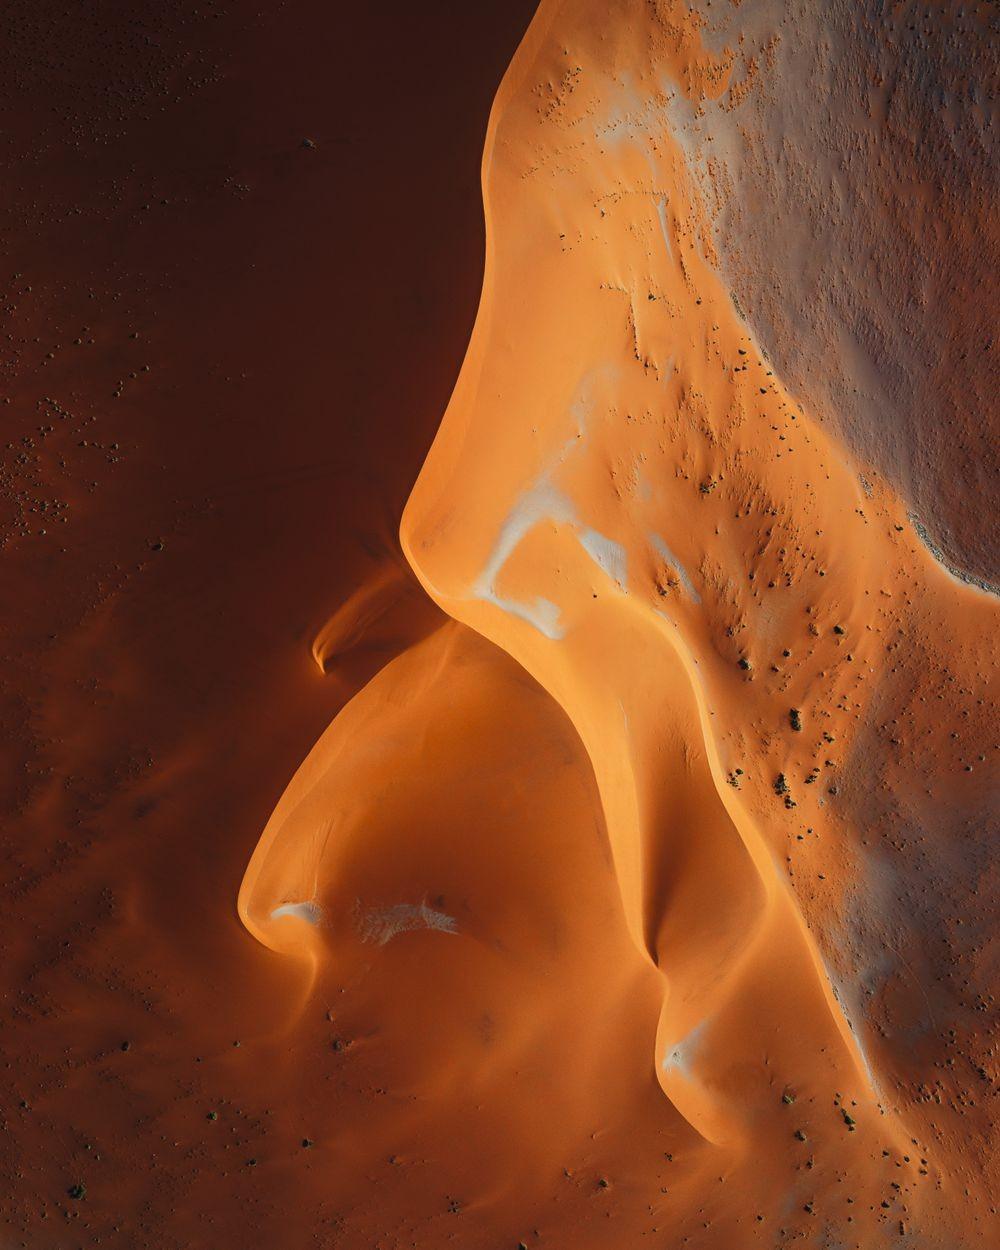 纳米比亚干旱景观引人注目的航拍照片_图1-4